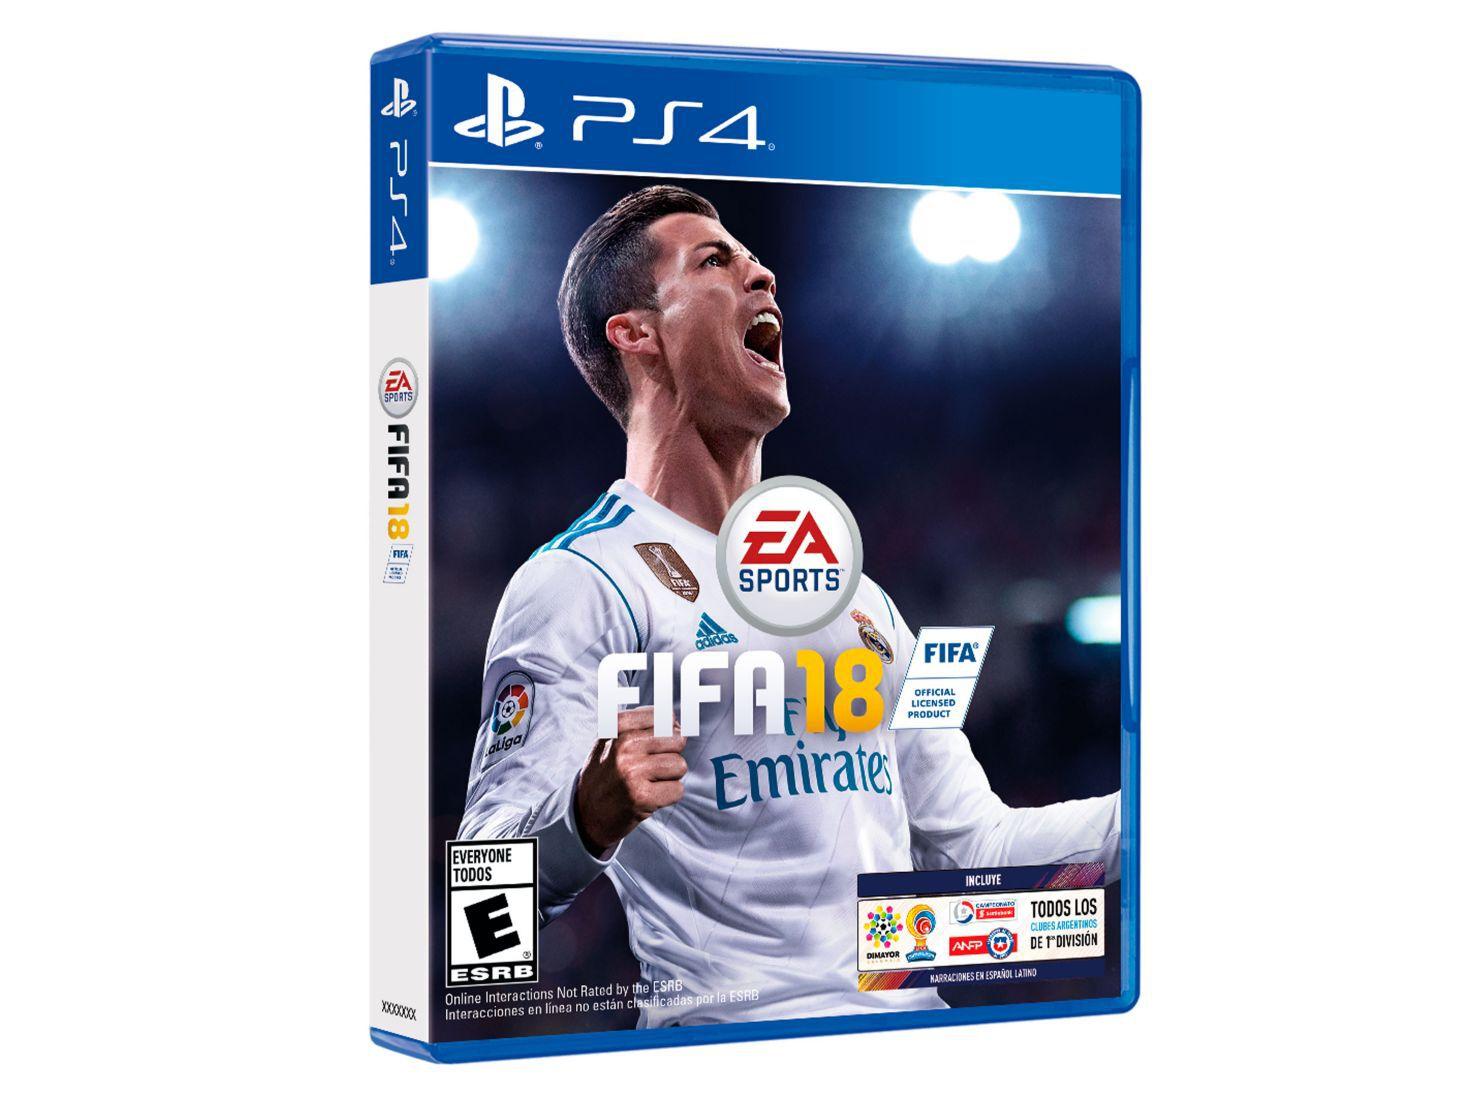 Desagradable coro Ministro  Juego PS4 Fifa 18 - PlayStation | Paris.cl